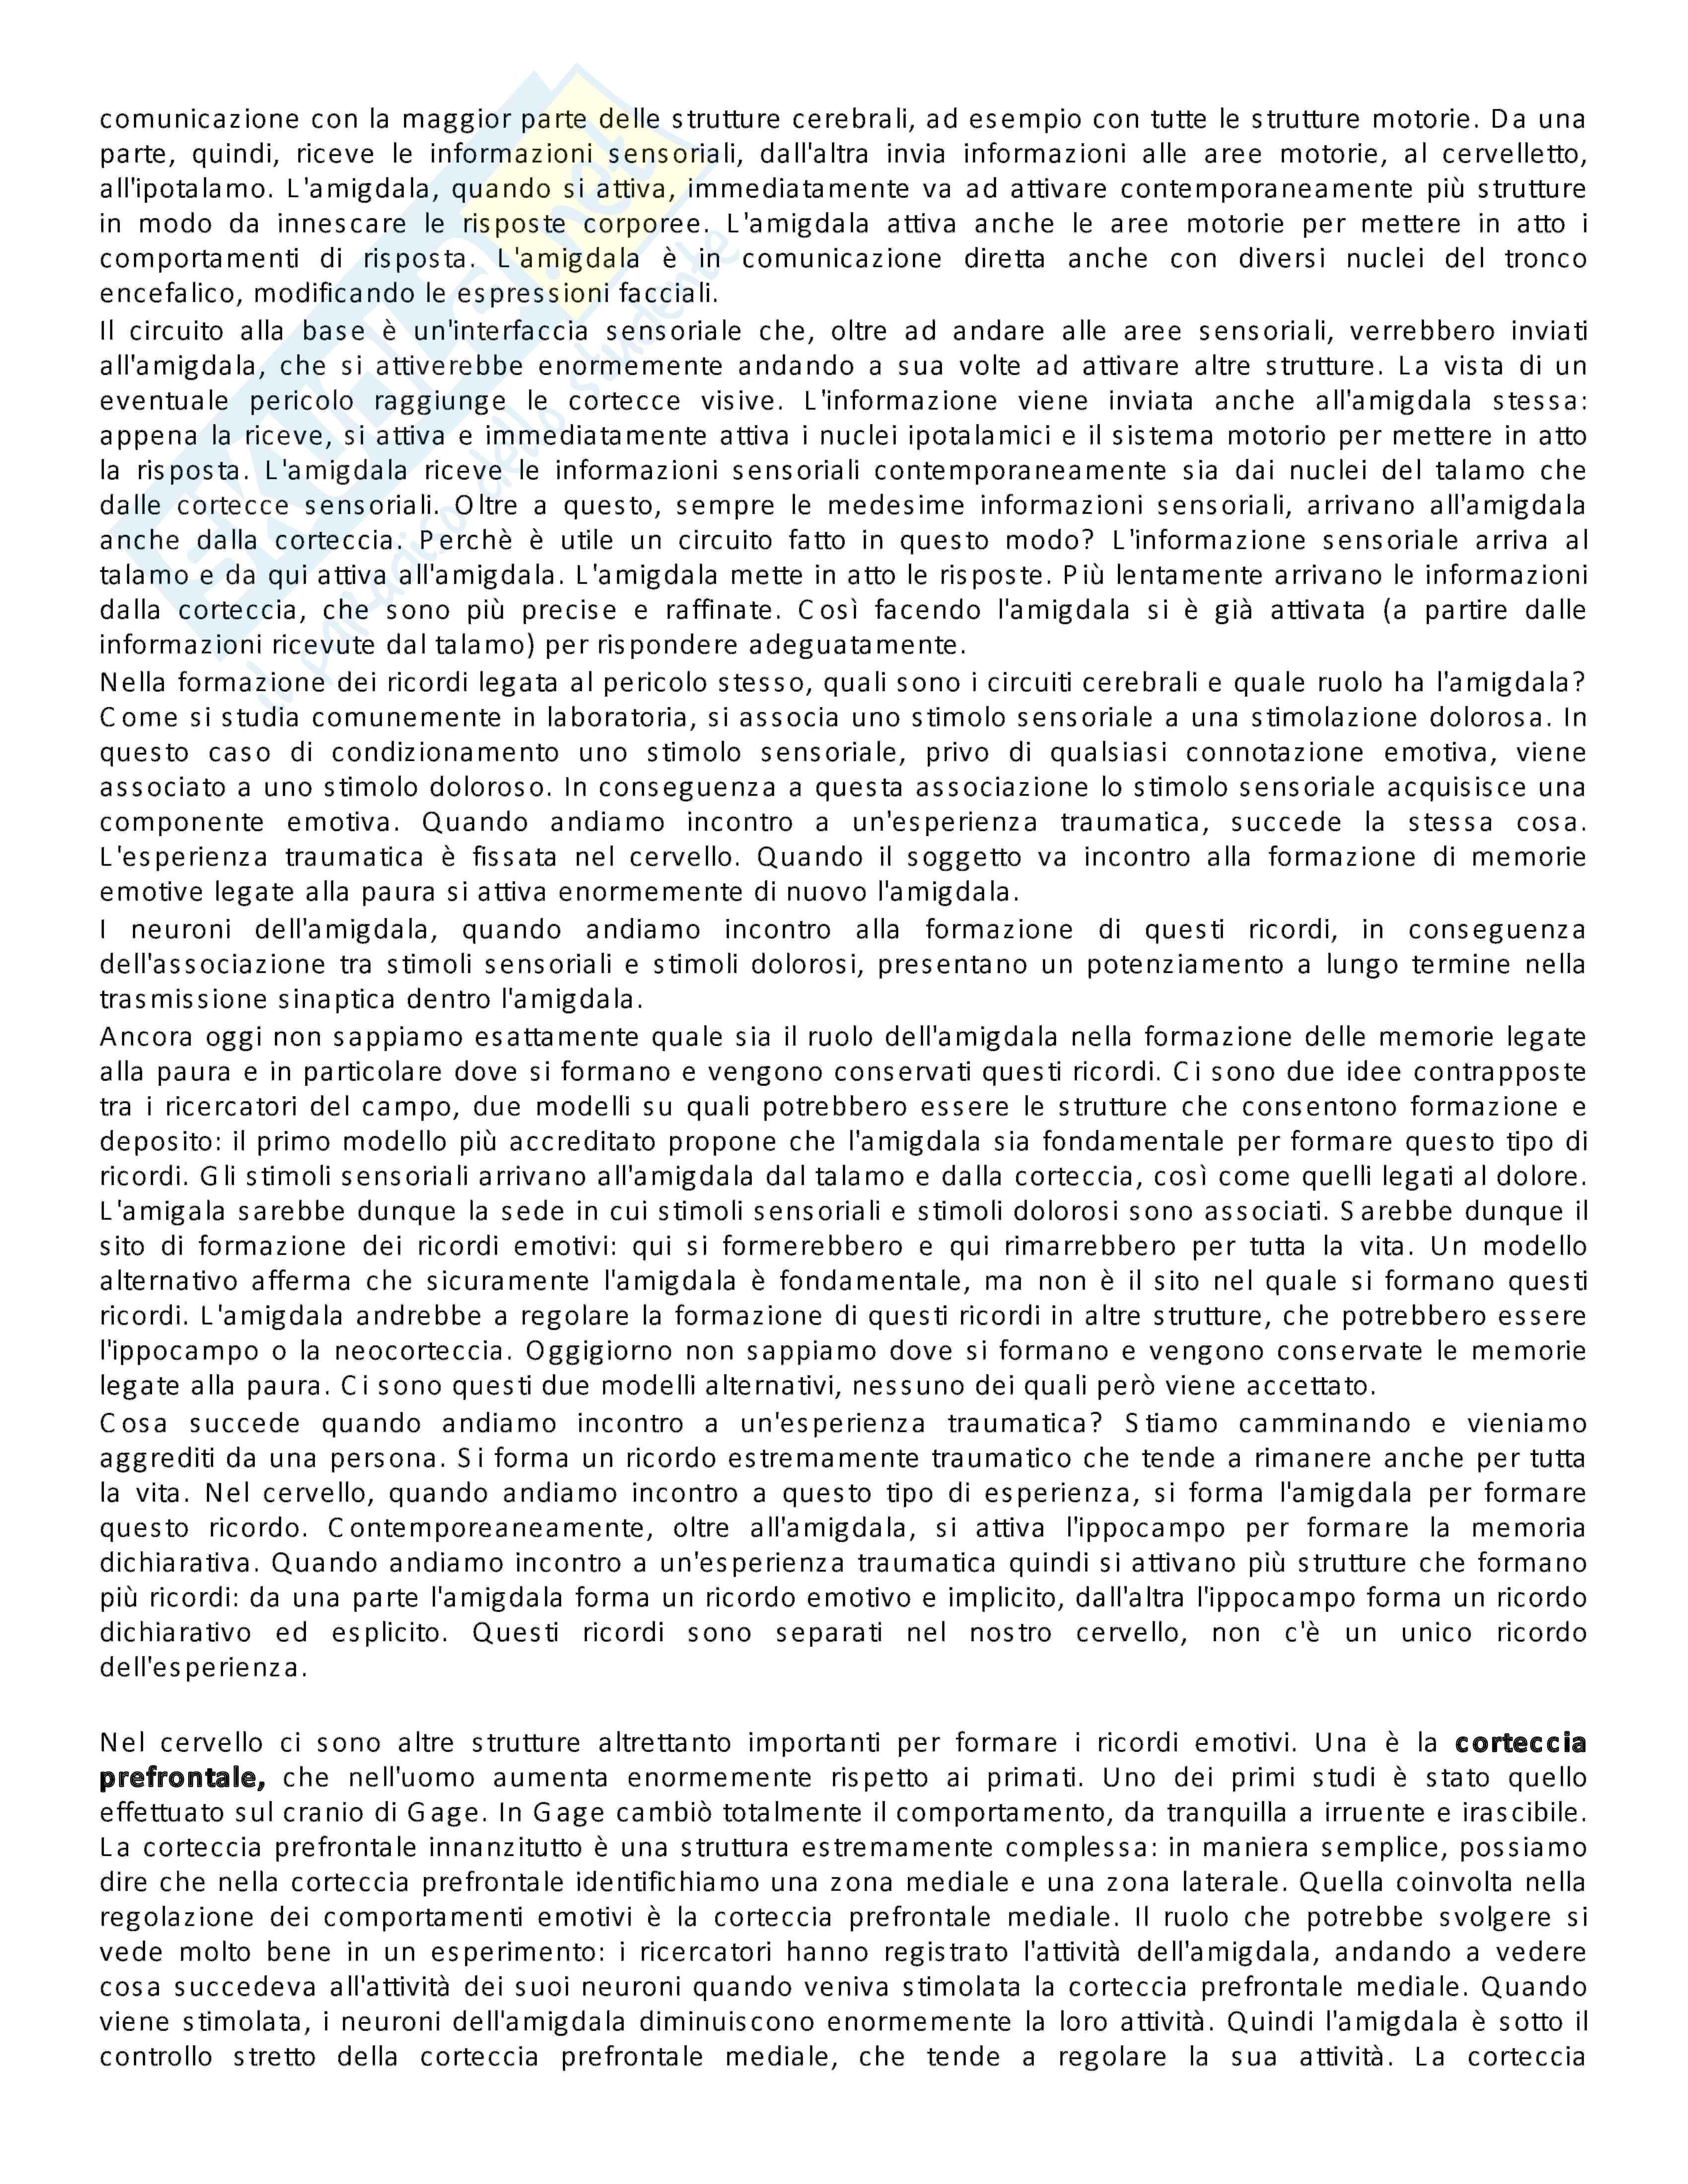 Appunti lezione di Neuroscienze - Università di Torino Pag. 41